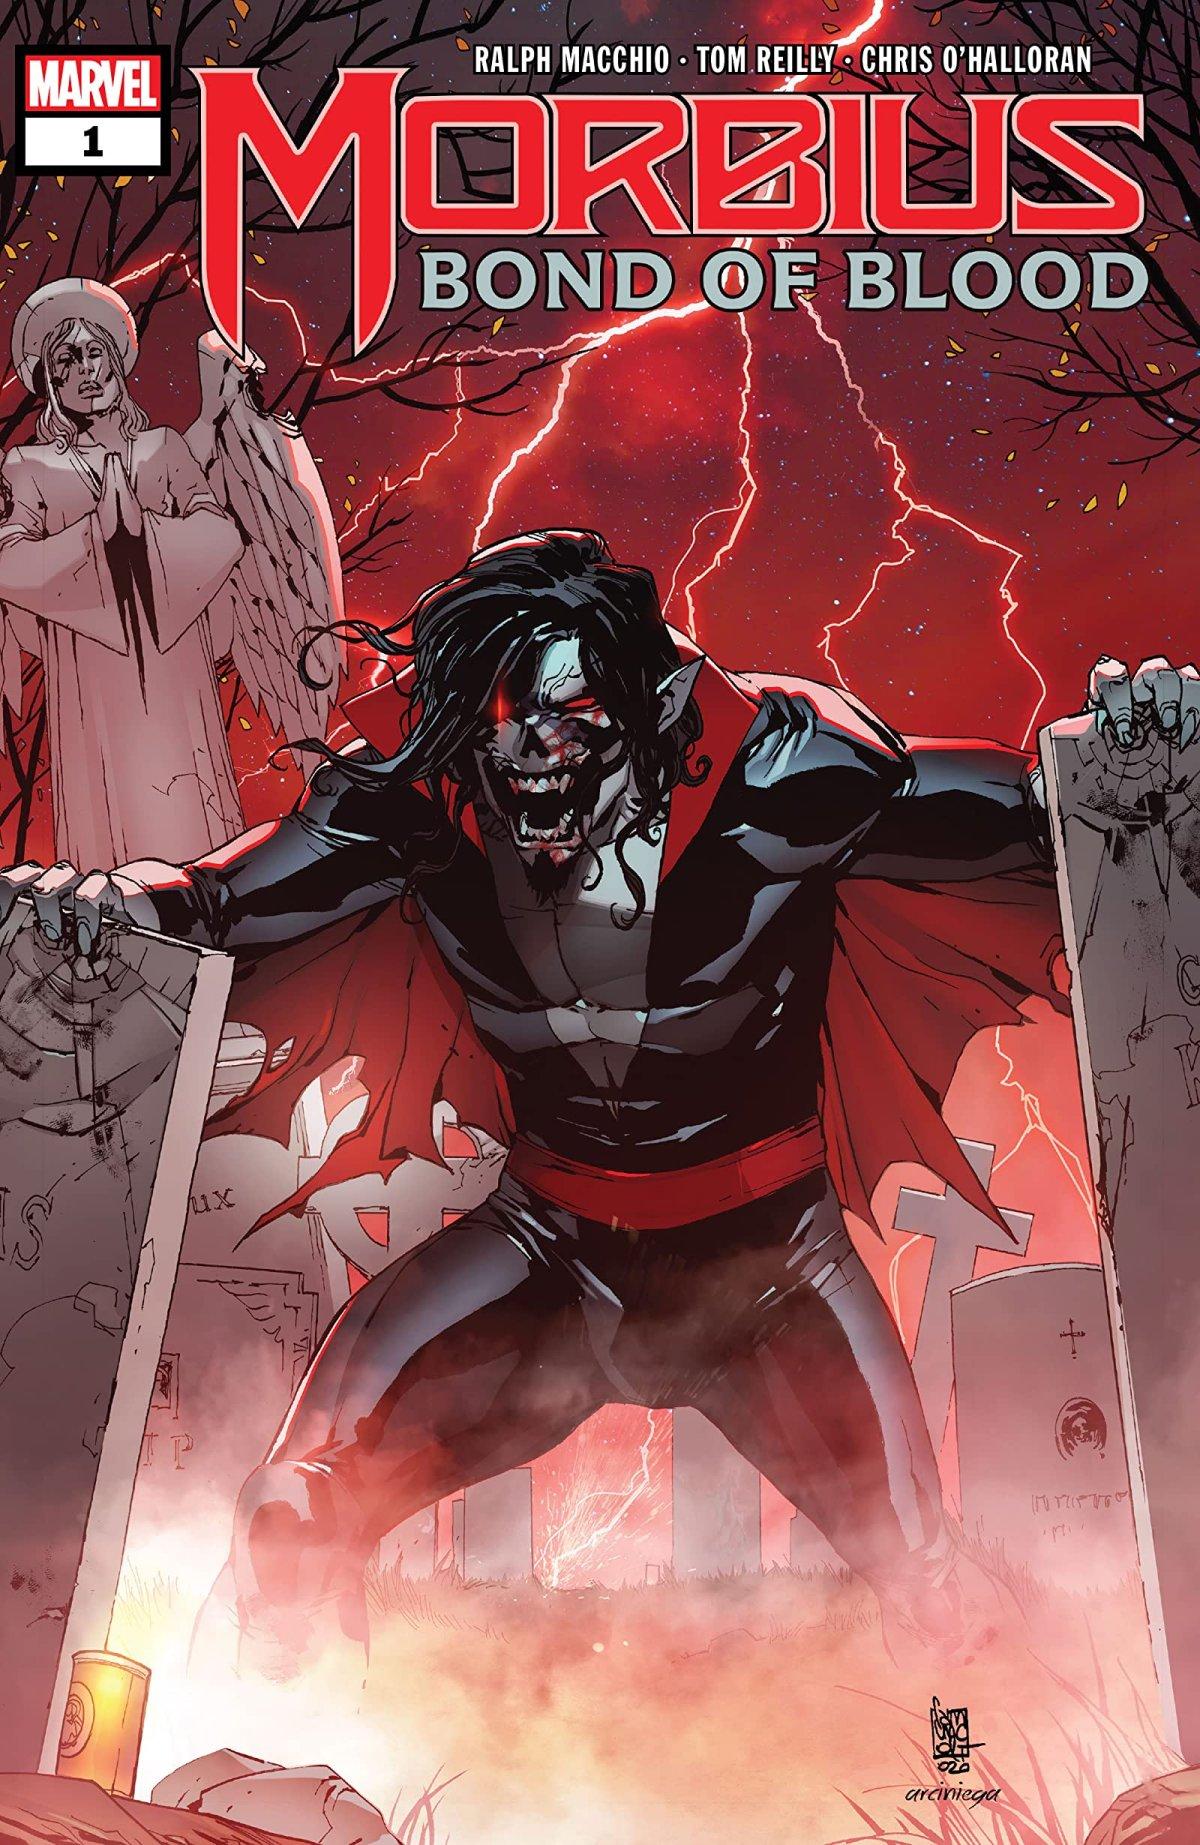 Morbius: Bond of Blood Issue #1 Comic BookRecap